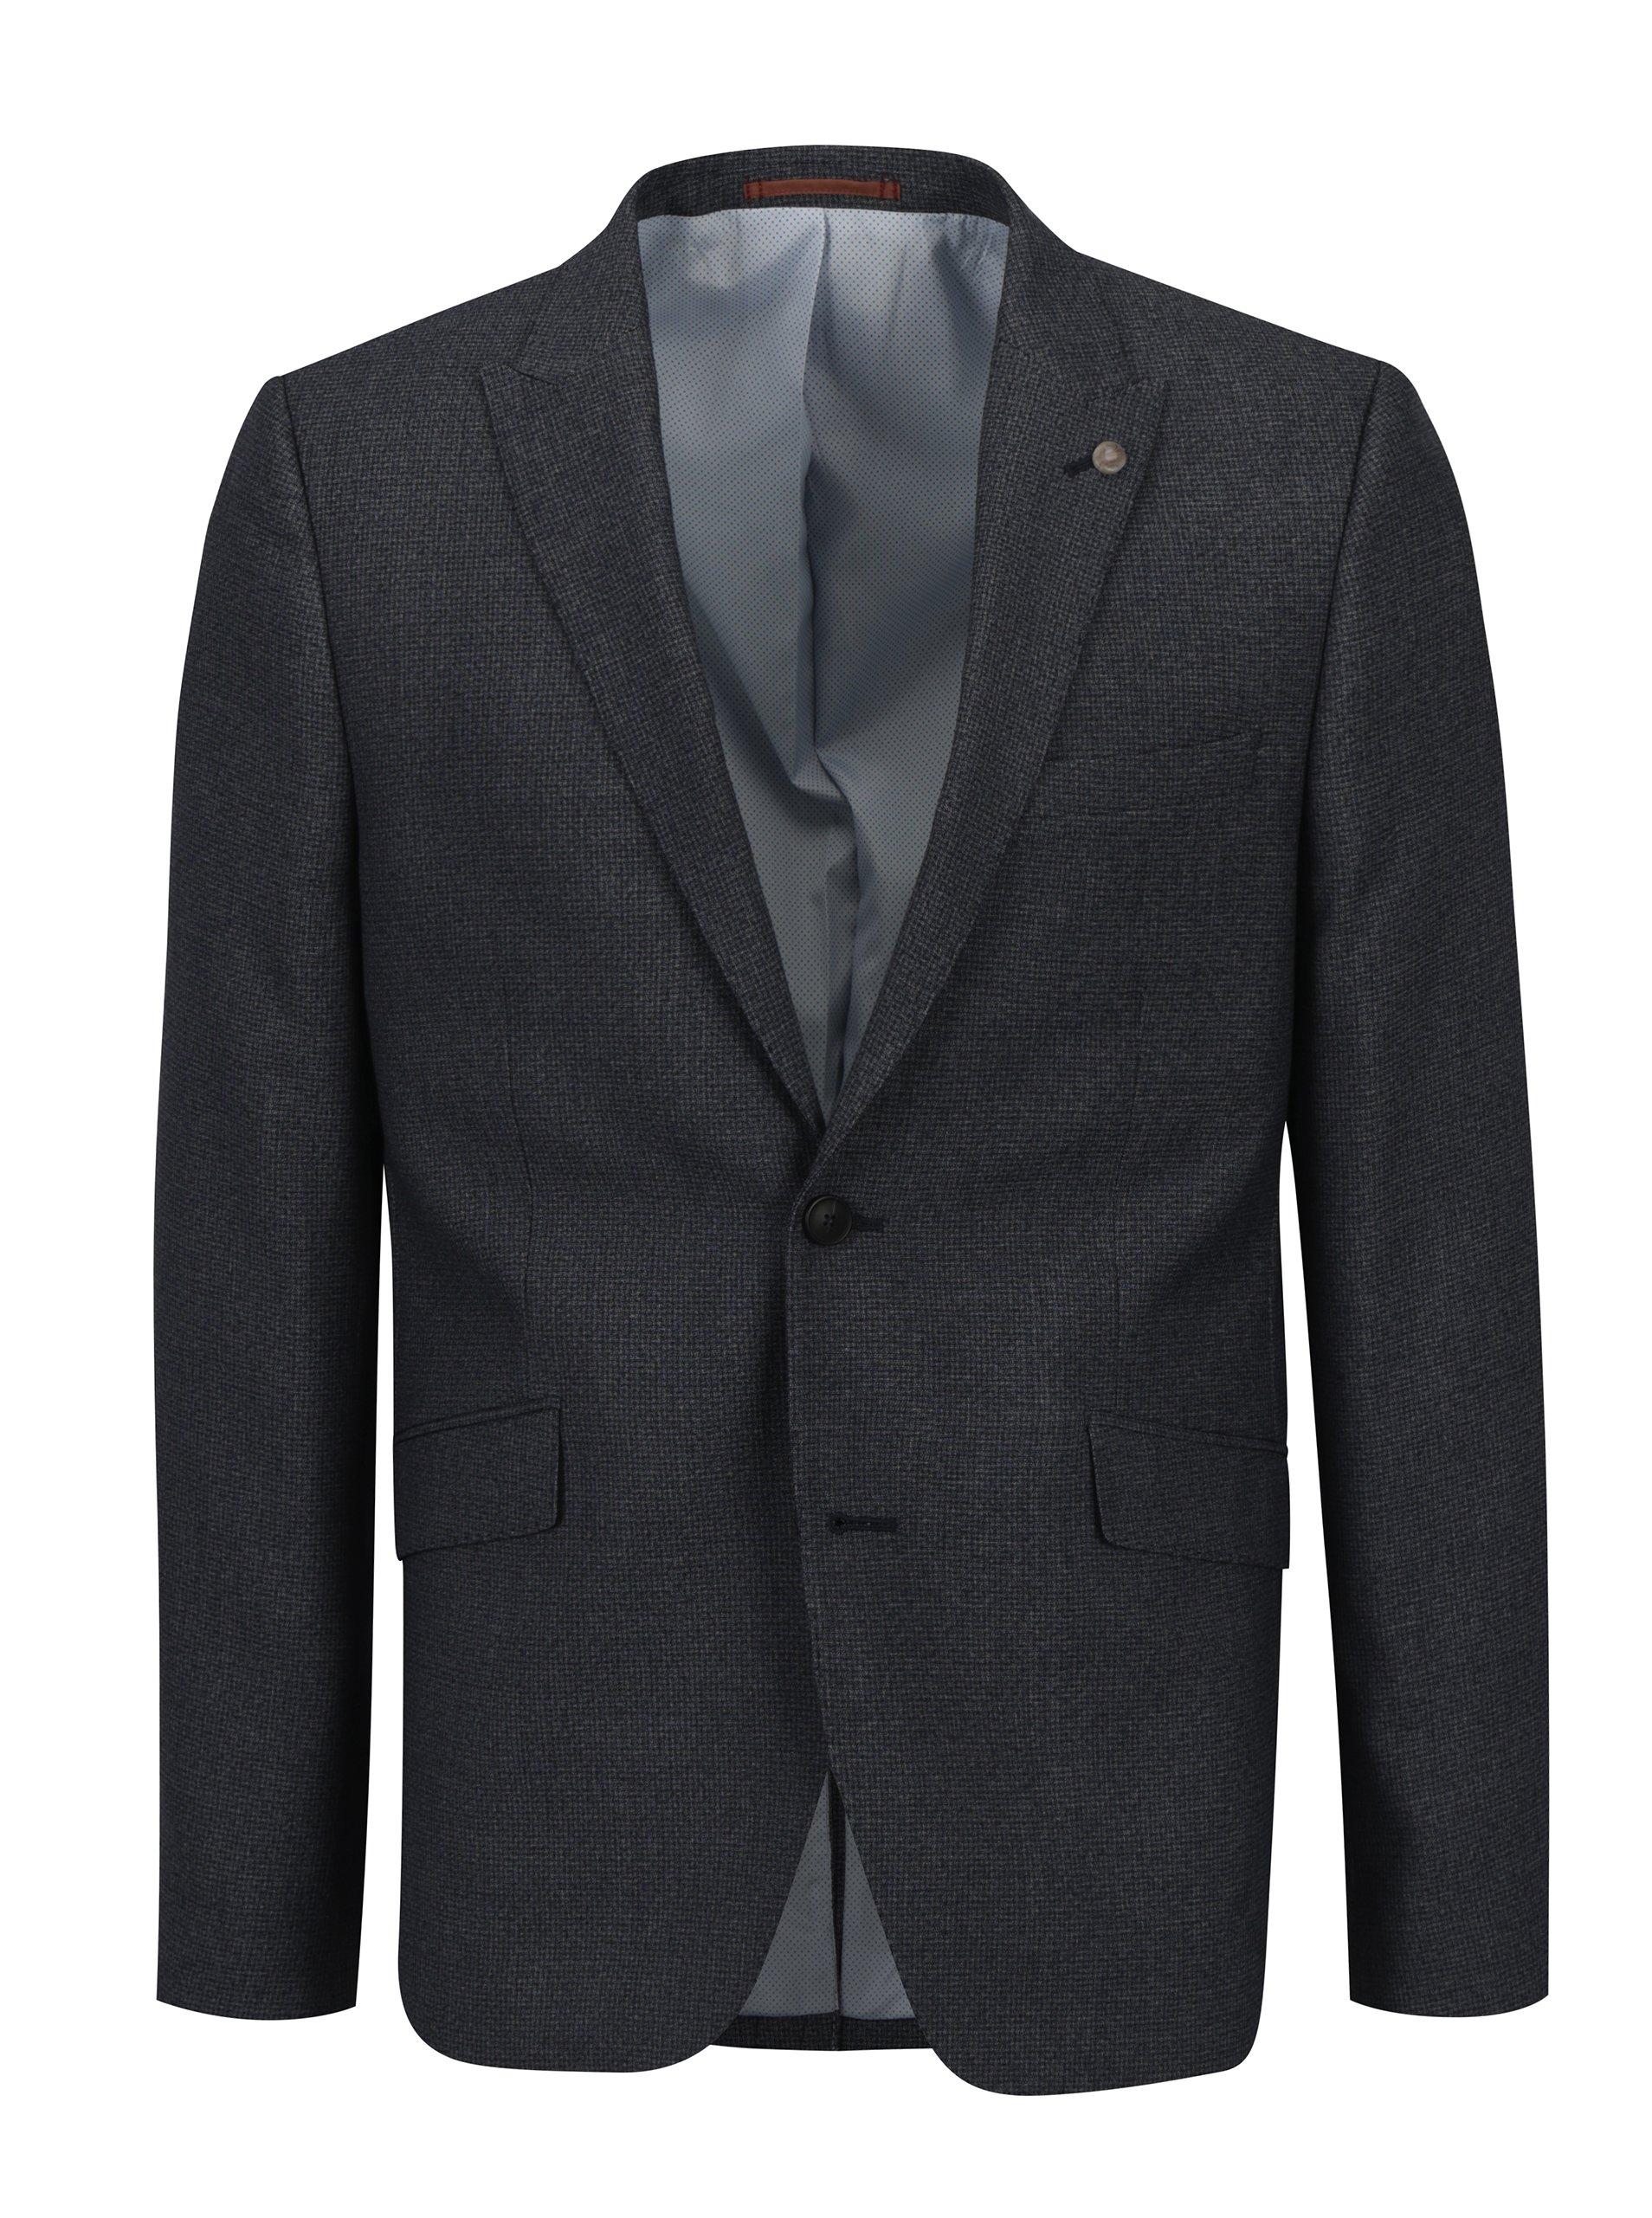 Sivomodré oblekové skinny sako s jemným vzorom Burton Menswear London